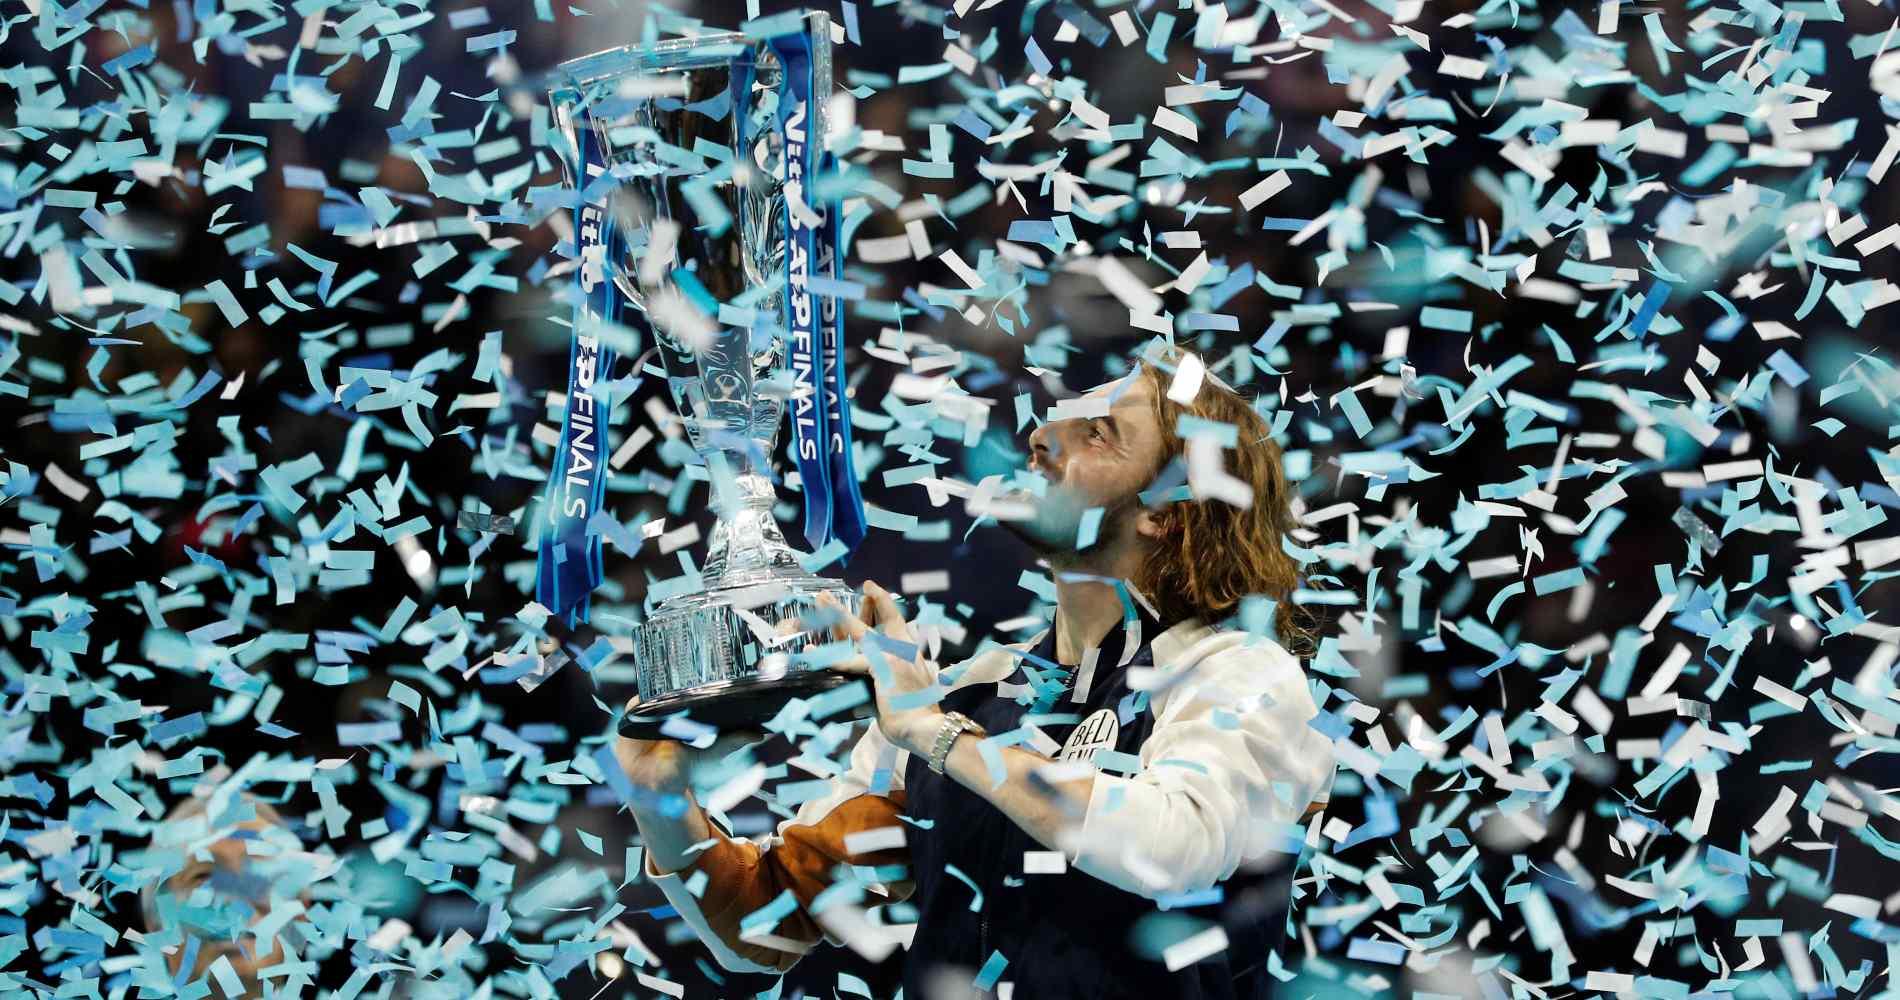 Stefanos Tsitsipas, 2019 ATP Finals